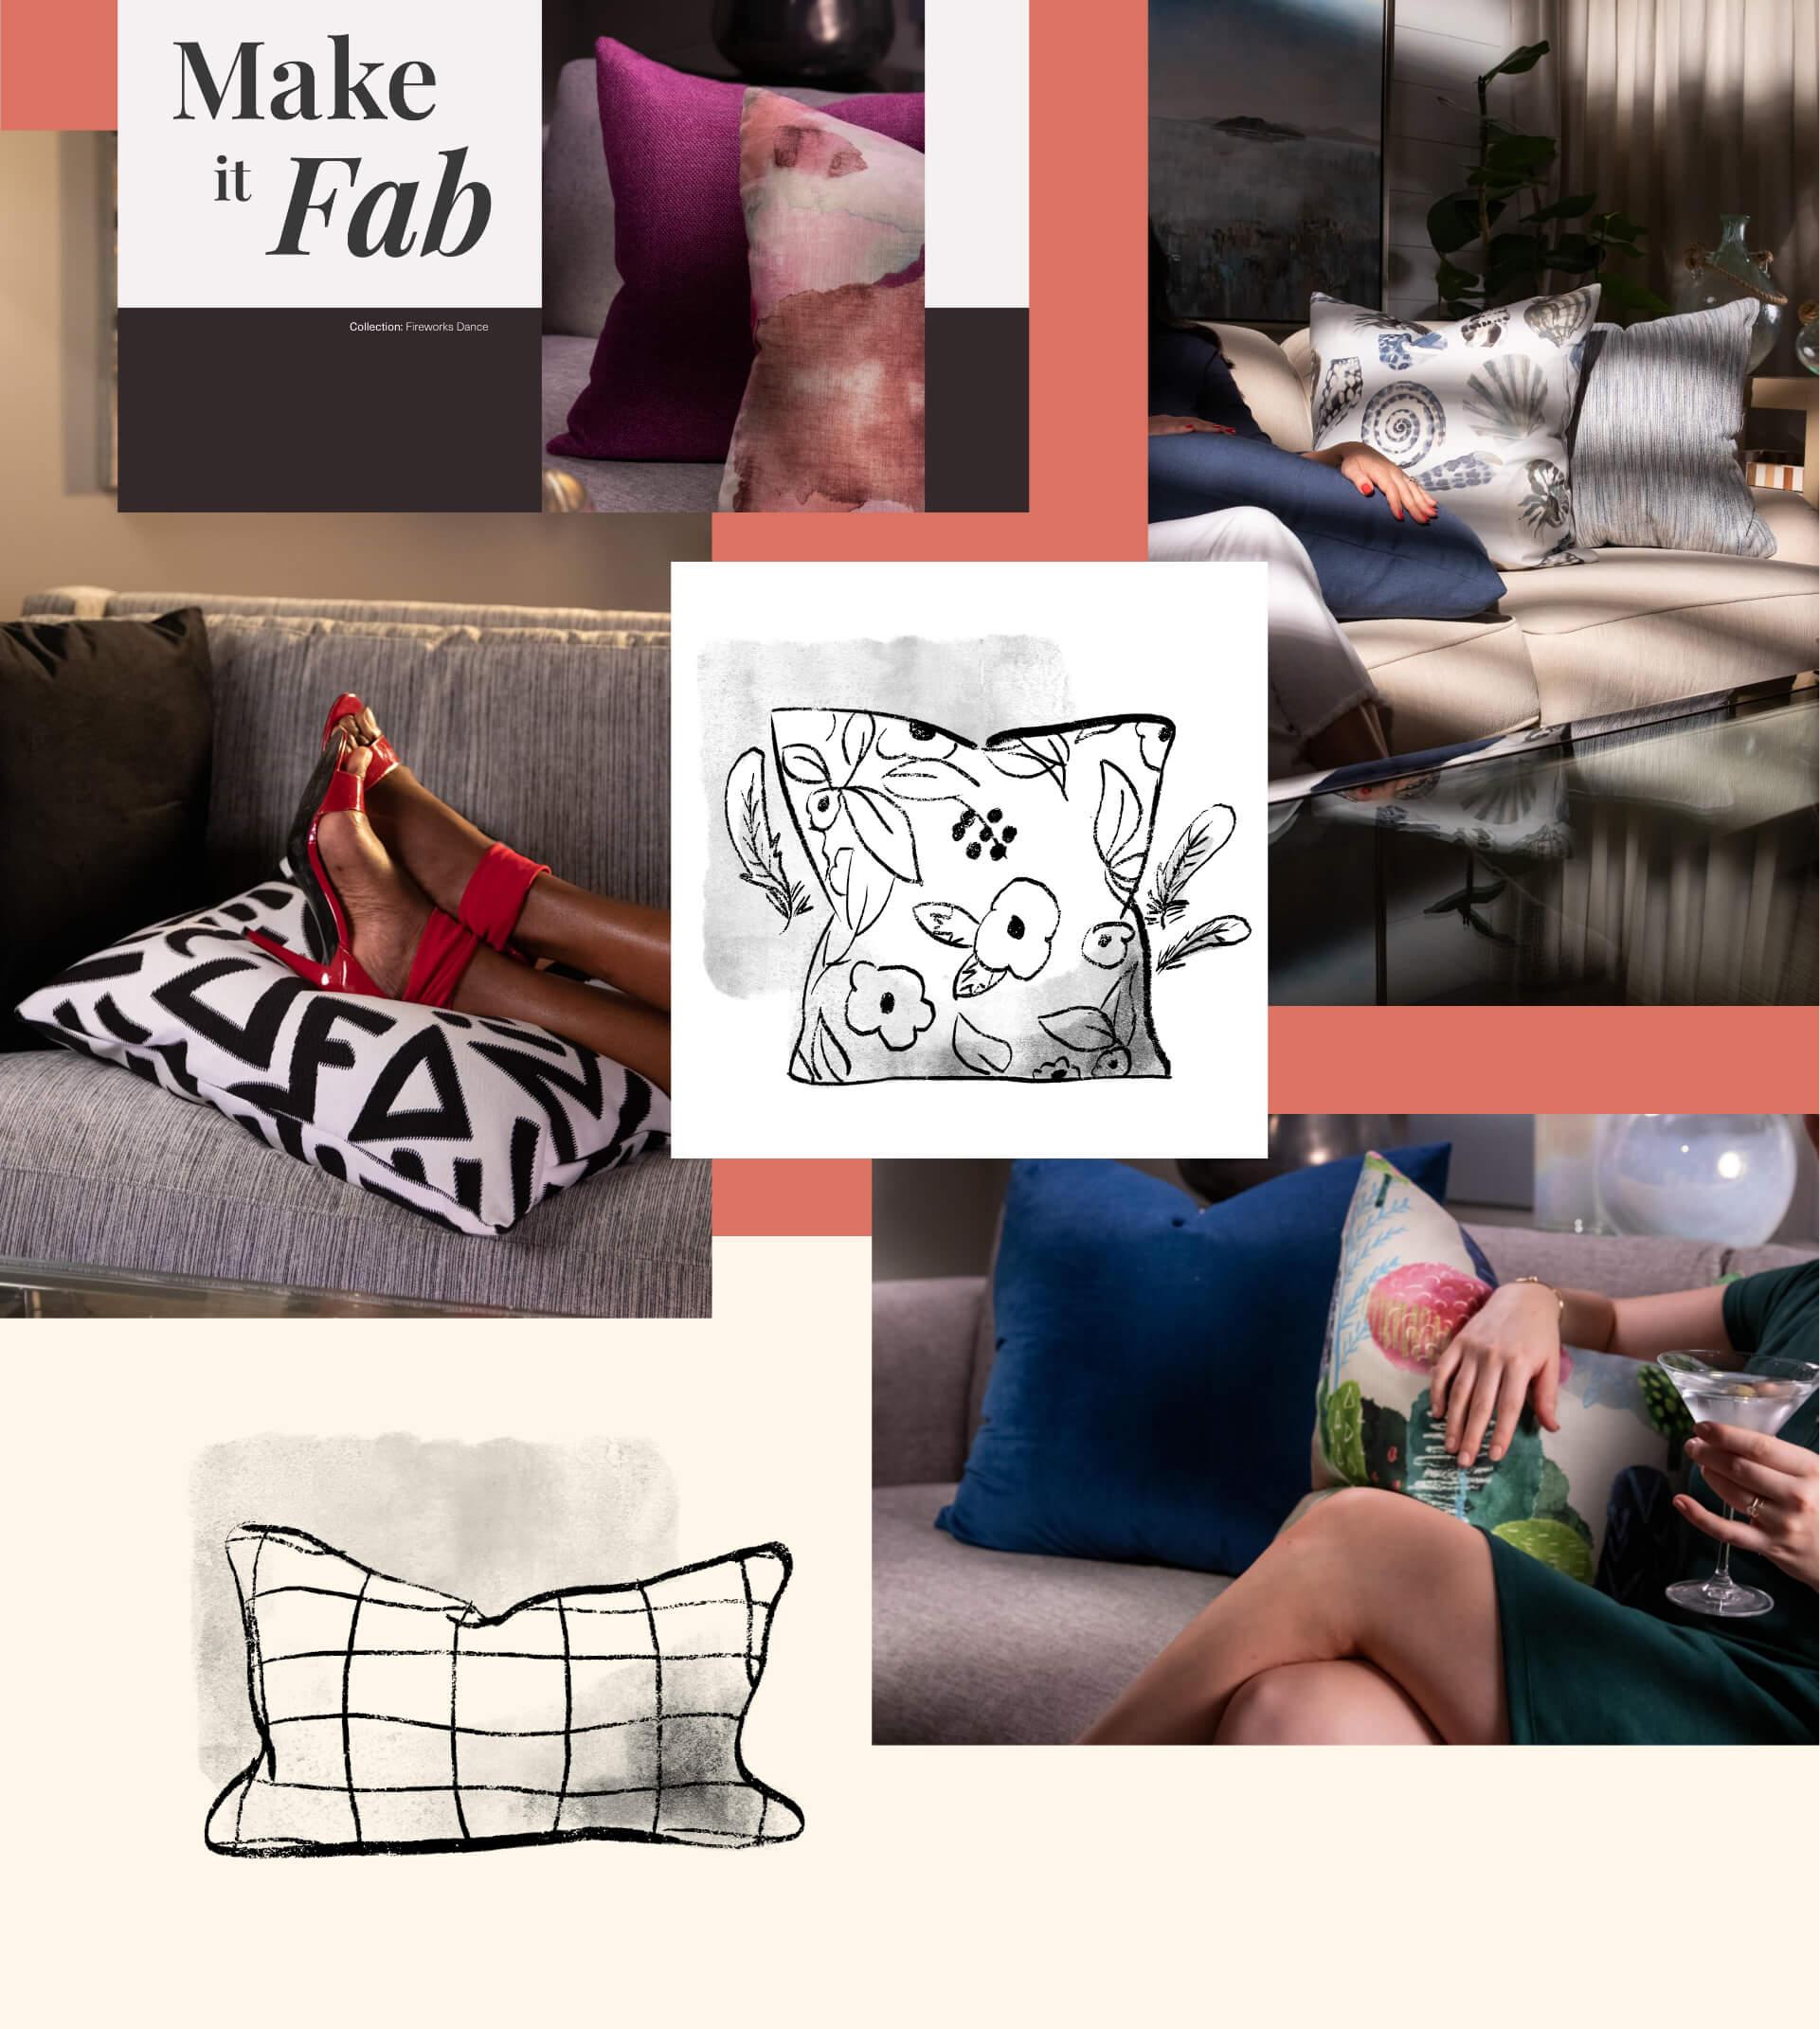 Fluff Pillows Case Study Highlight